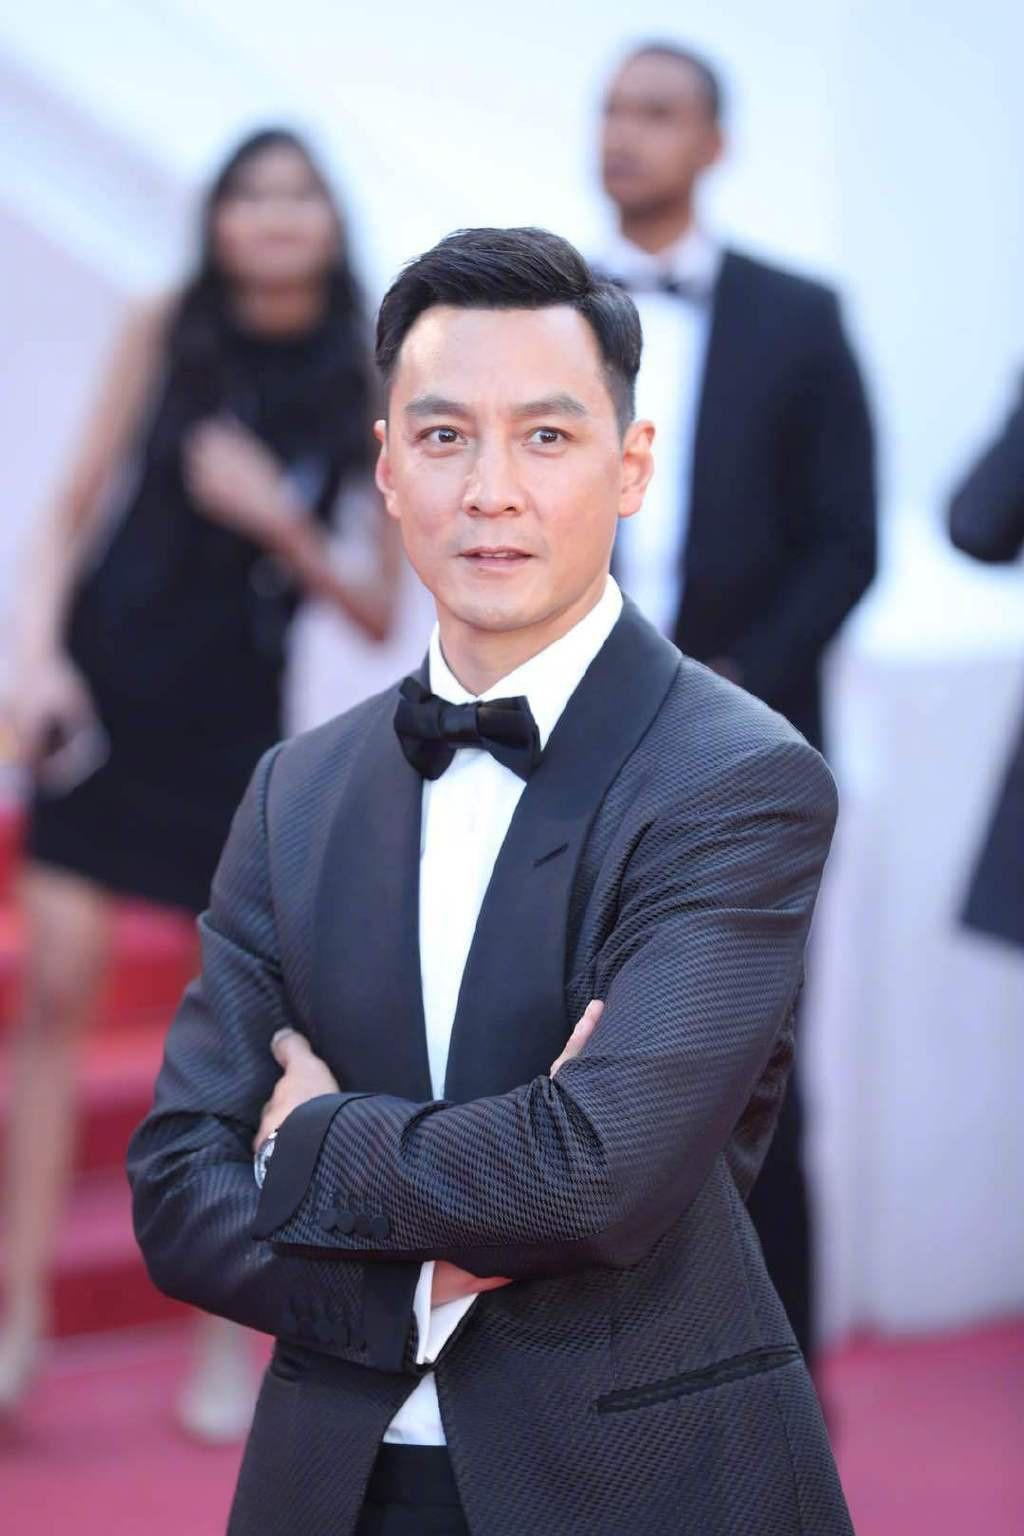 Thảm đỏ Cannes ngày 3: HLV The Face Thái Lan bất ngờ vùng lên chặt chém Bella Hadid cùng dàn mỹ nhân váy xẻ - Ảnh 26.